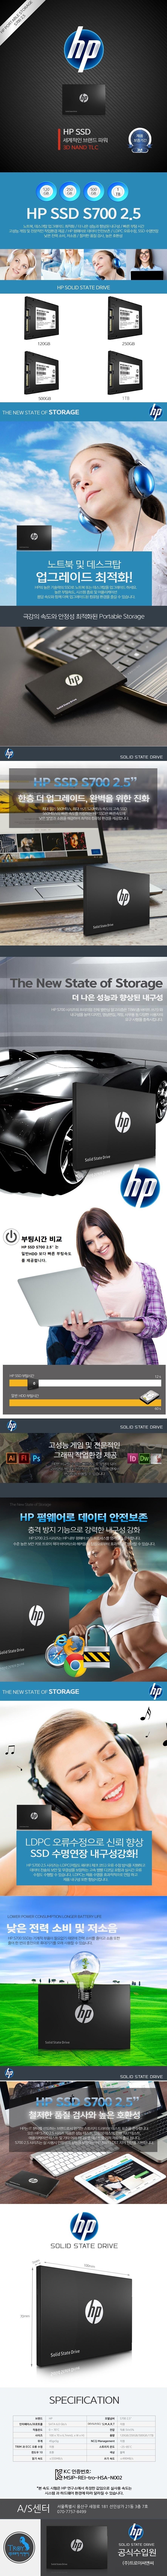 HP S700 (1TB)